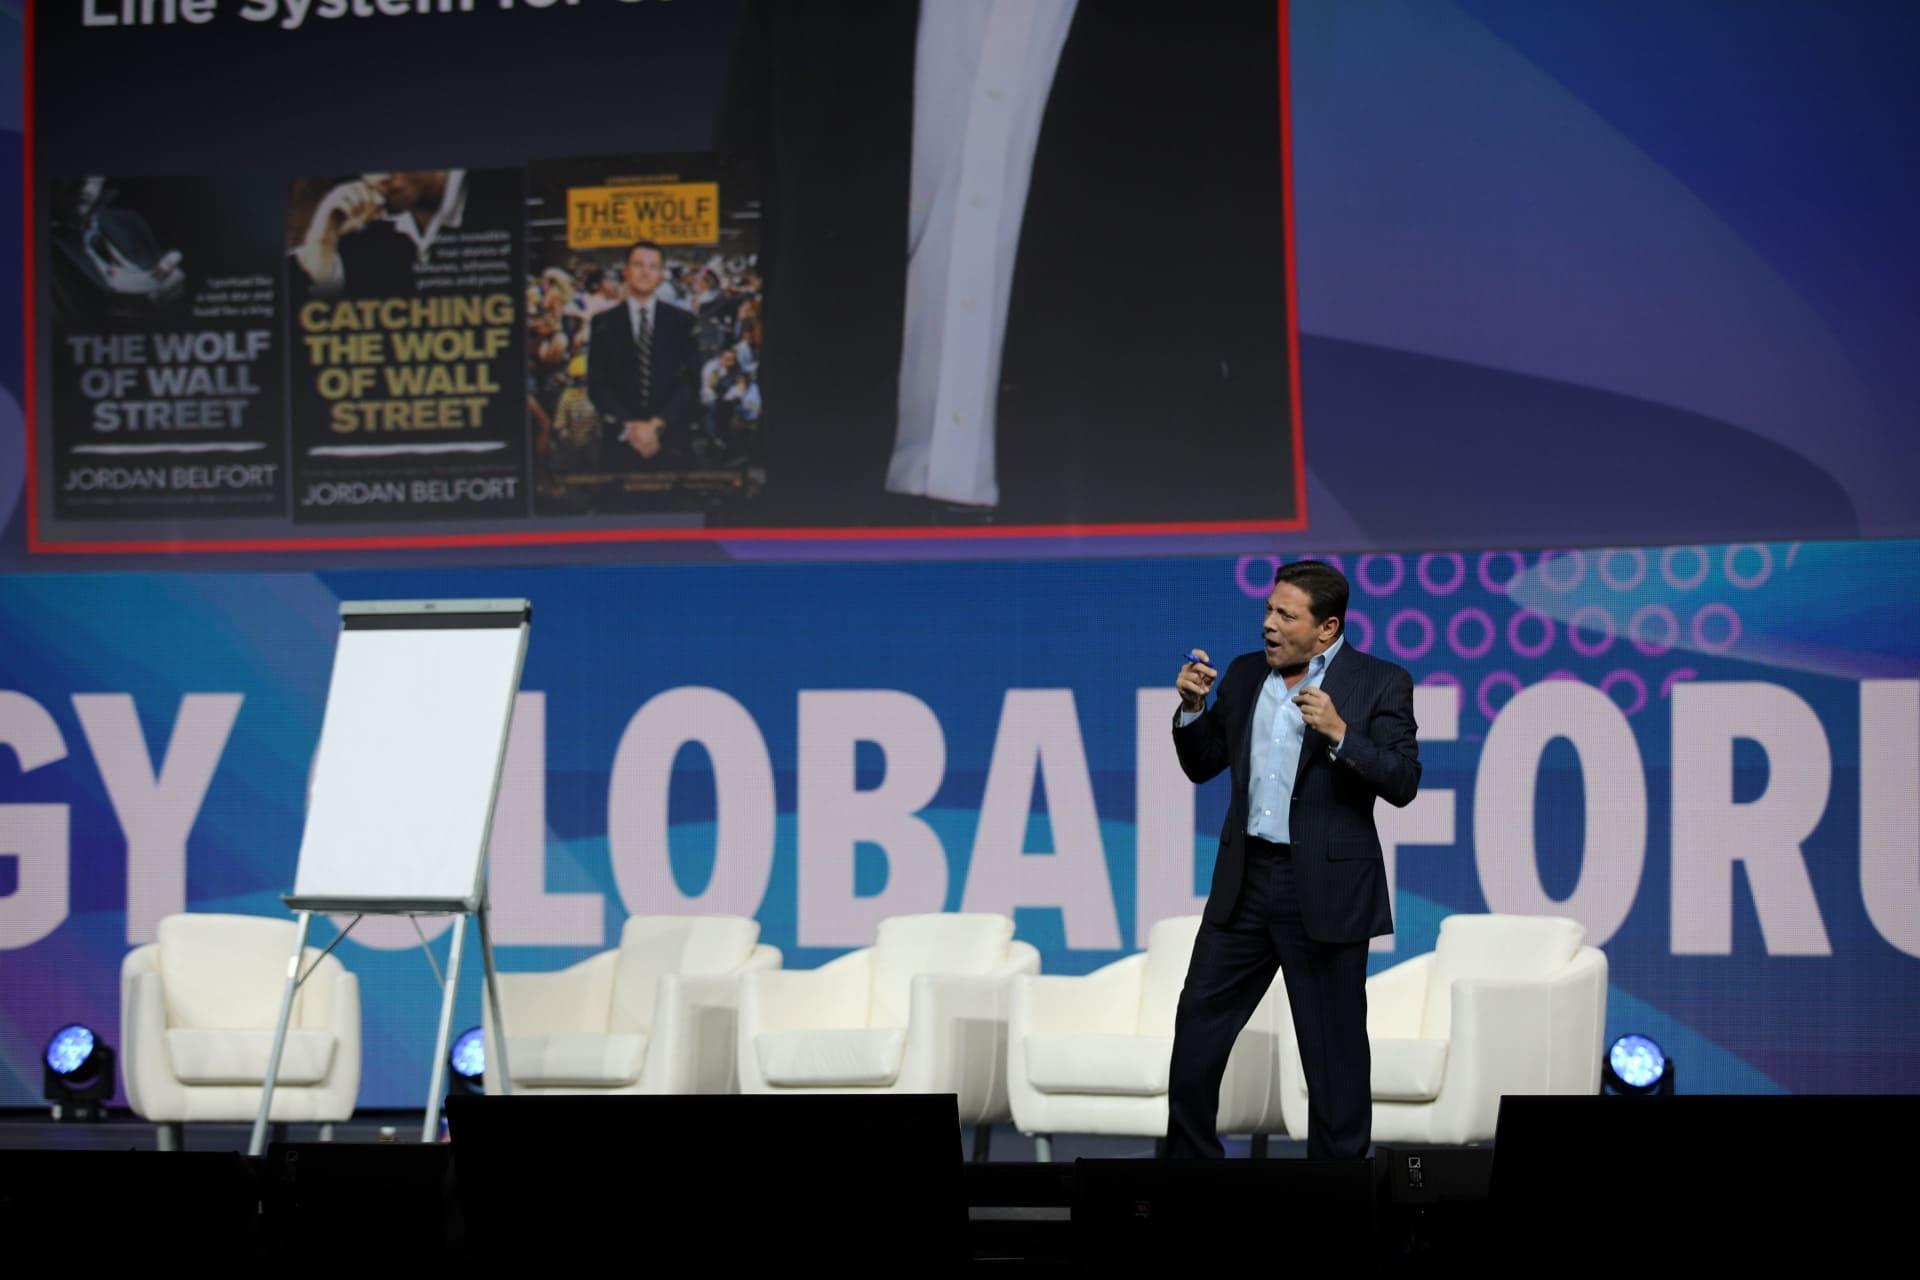 В Нью-Йорке состоялся Synergy Global Forum. Спикером стал Джордан Белфорт